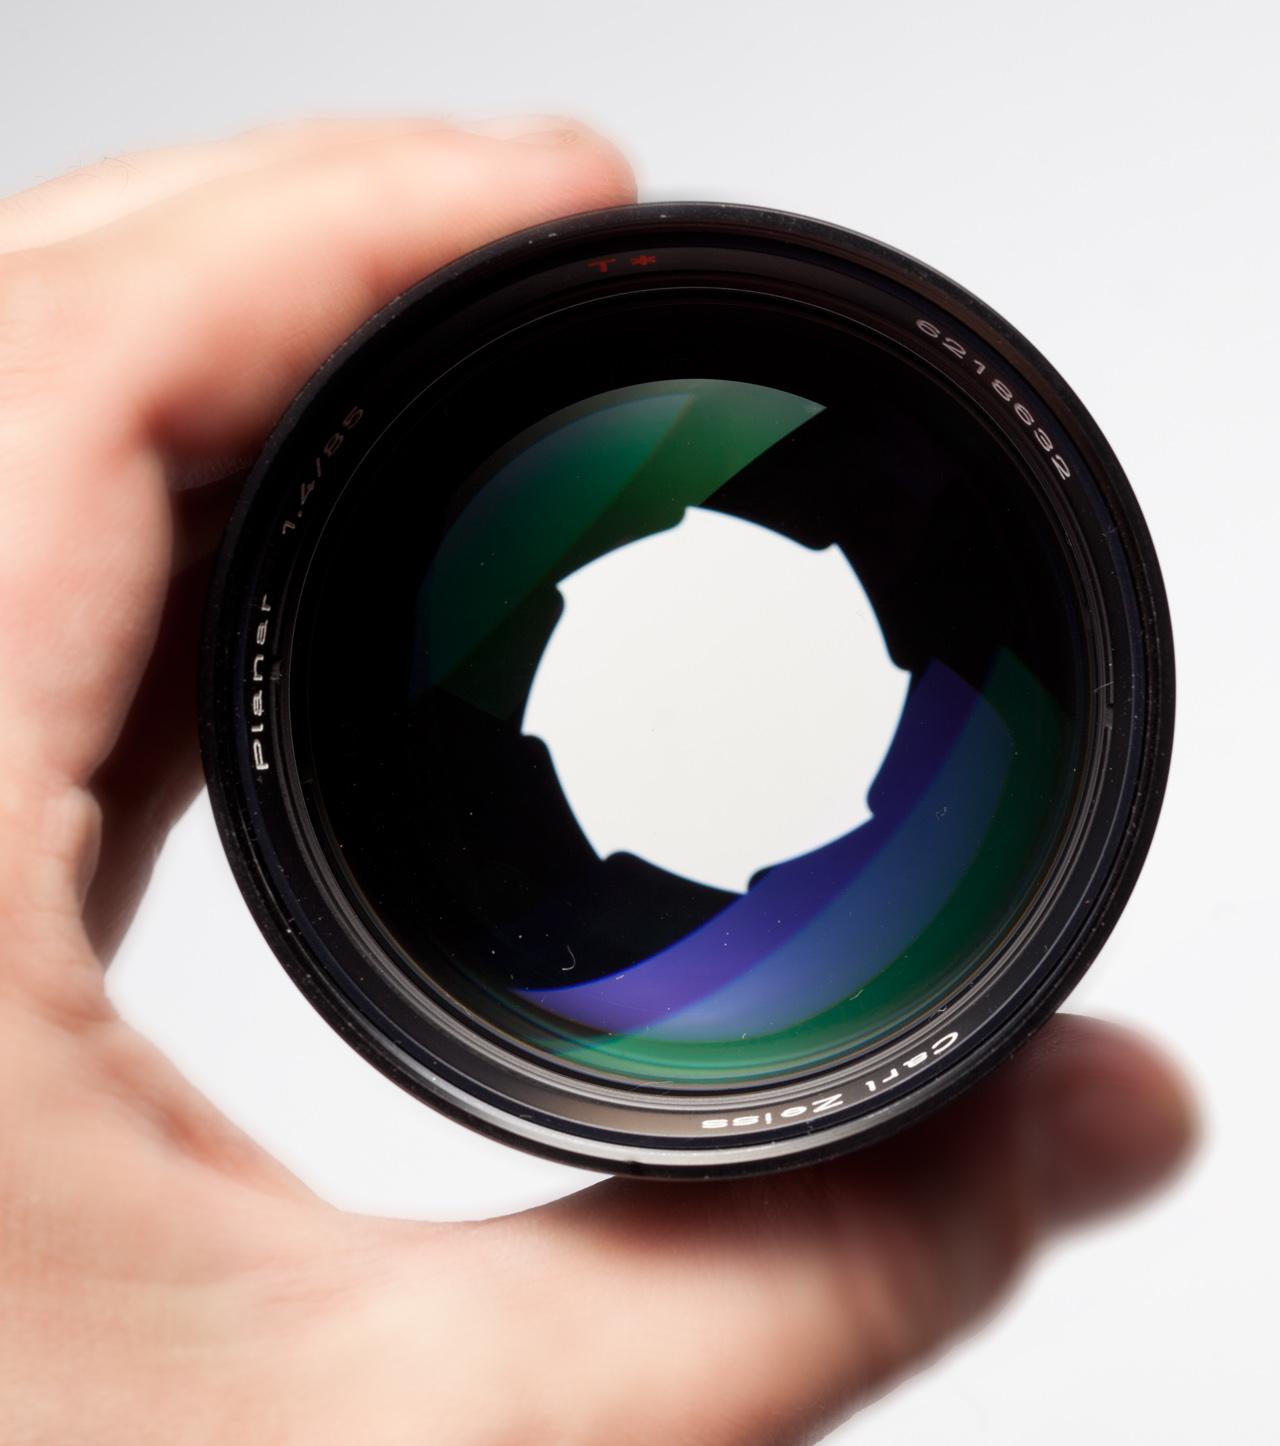 статье можно ли протирать объектив фотоаппарата кроме воды, ученые